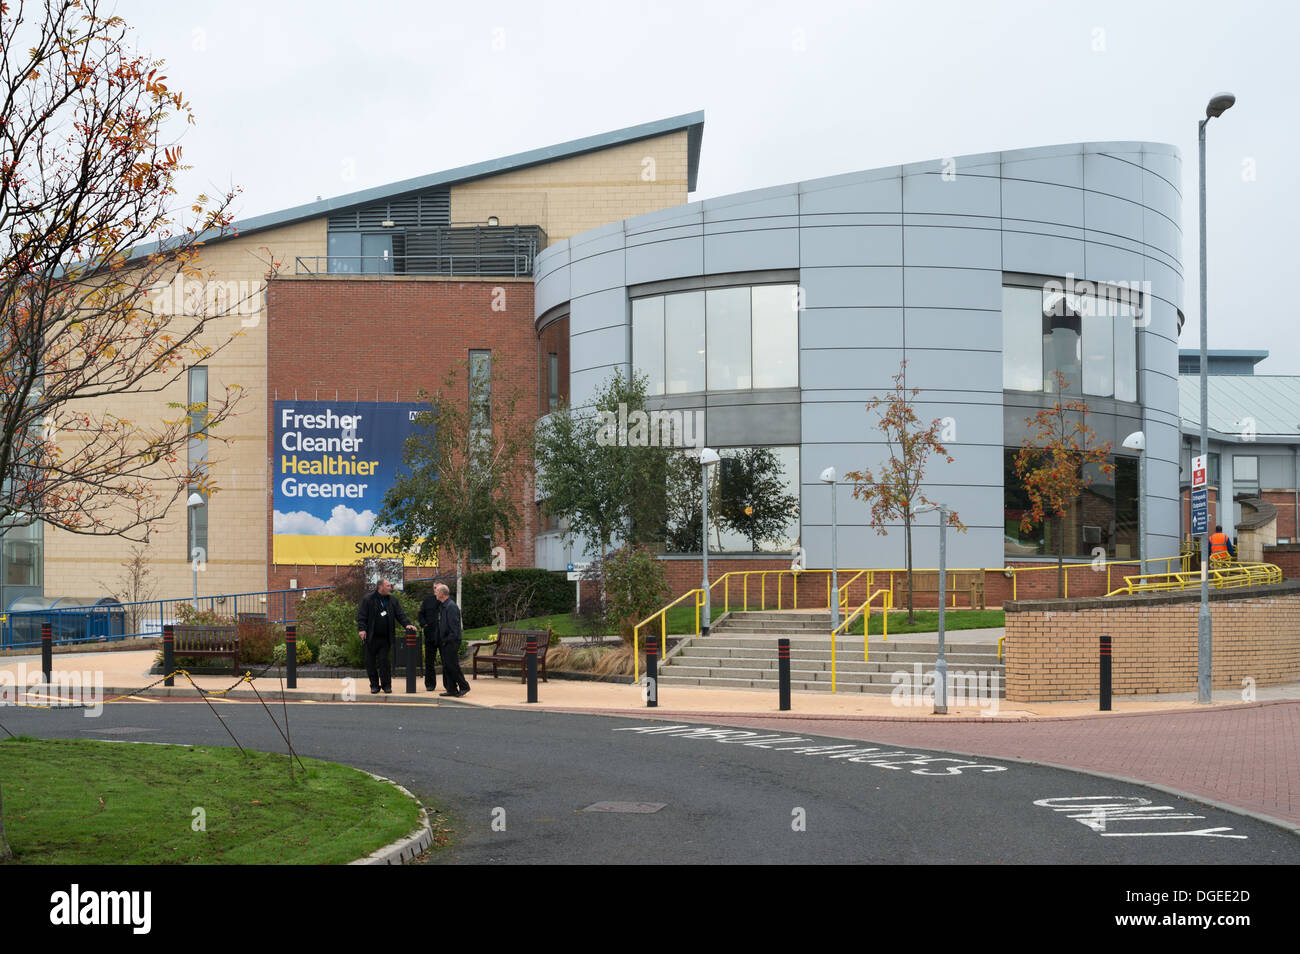 University Hospital of North Durham, north east England, UK - Stock Image